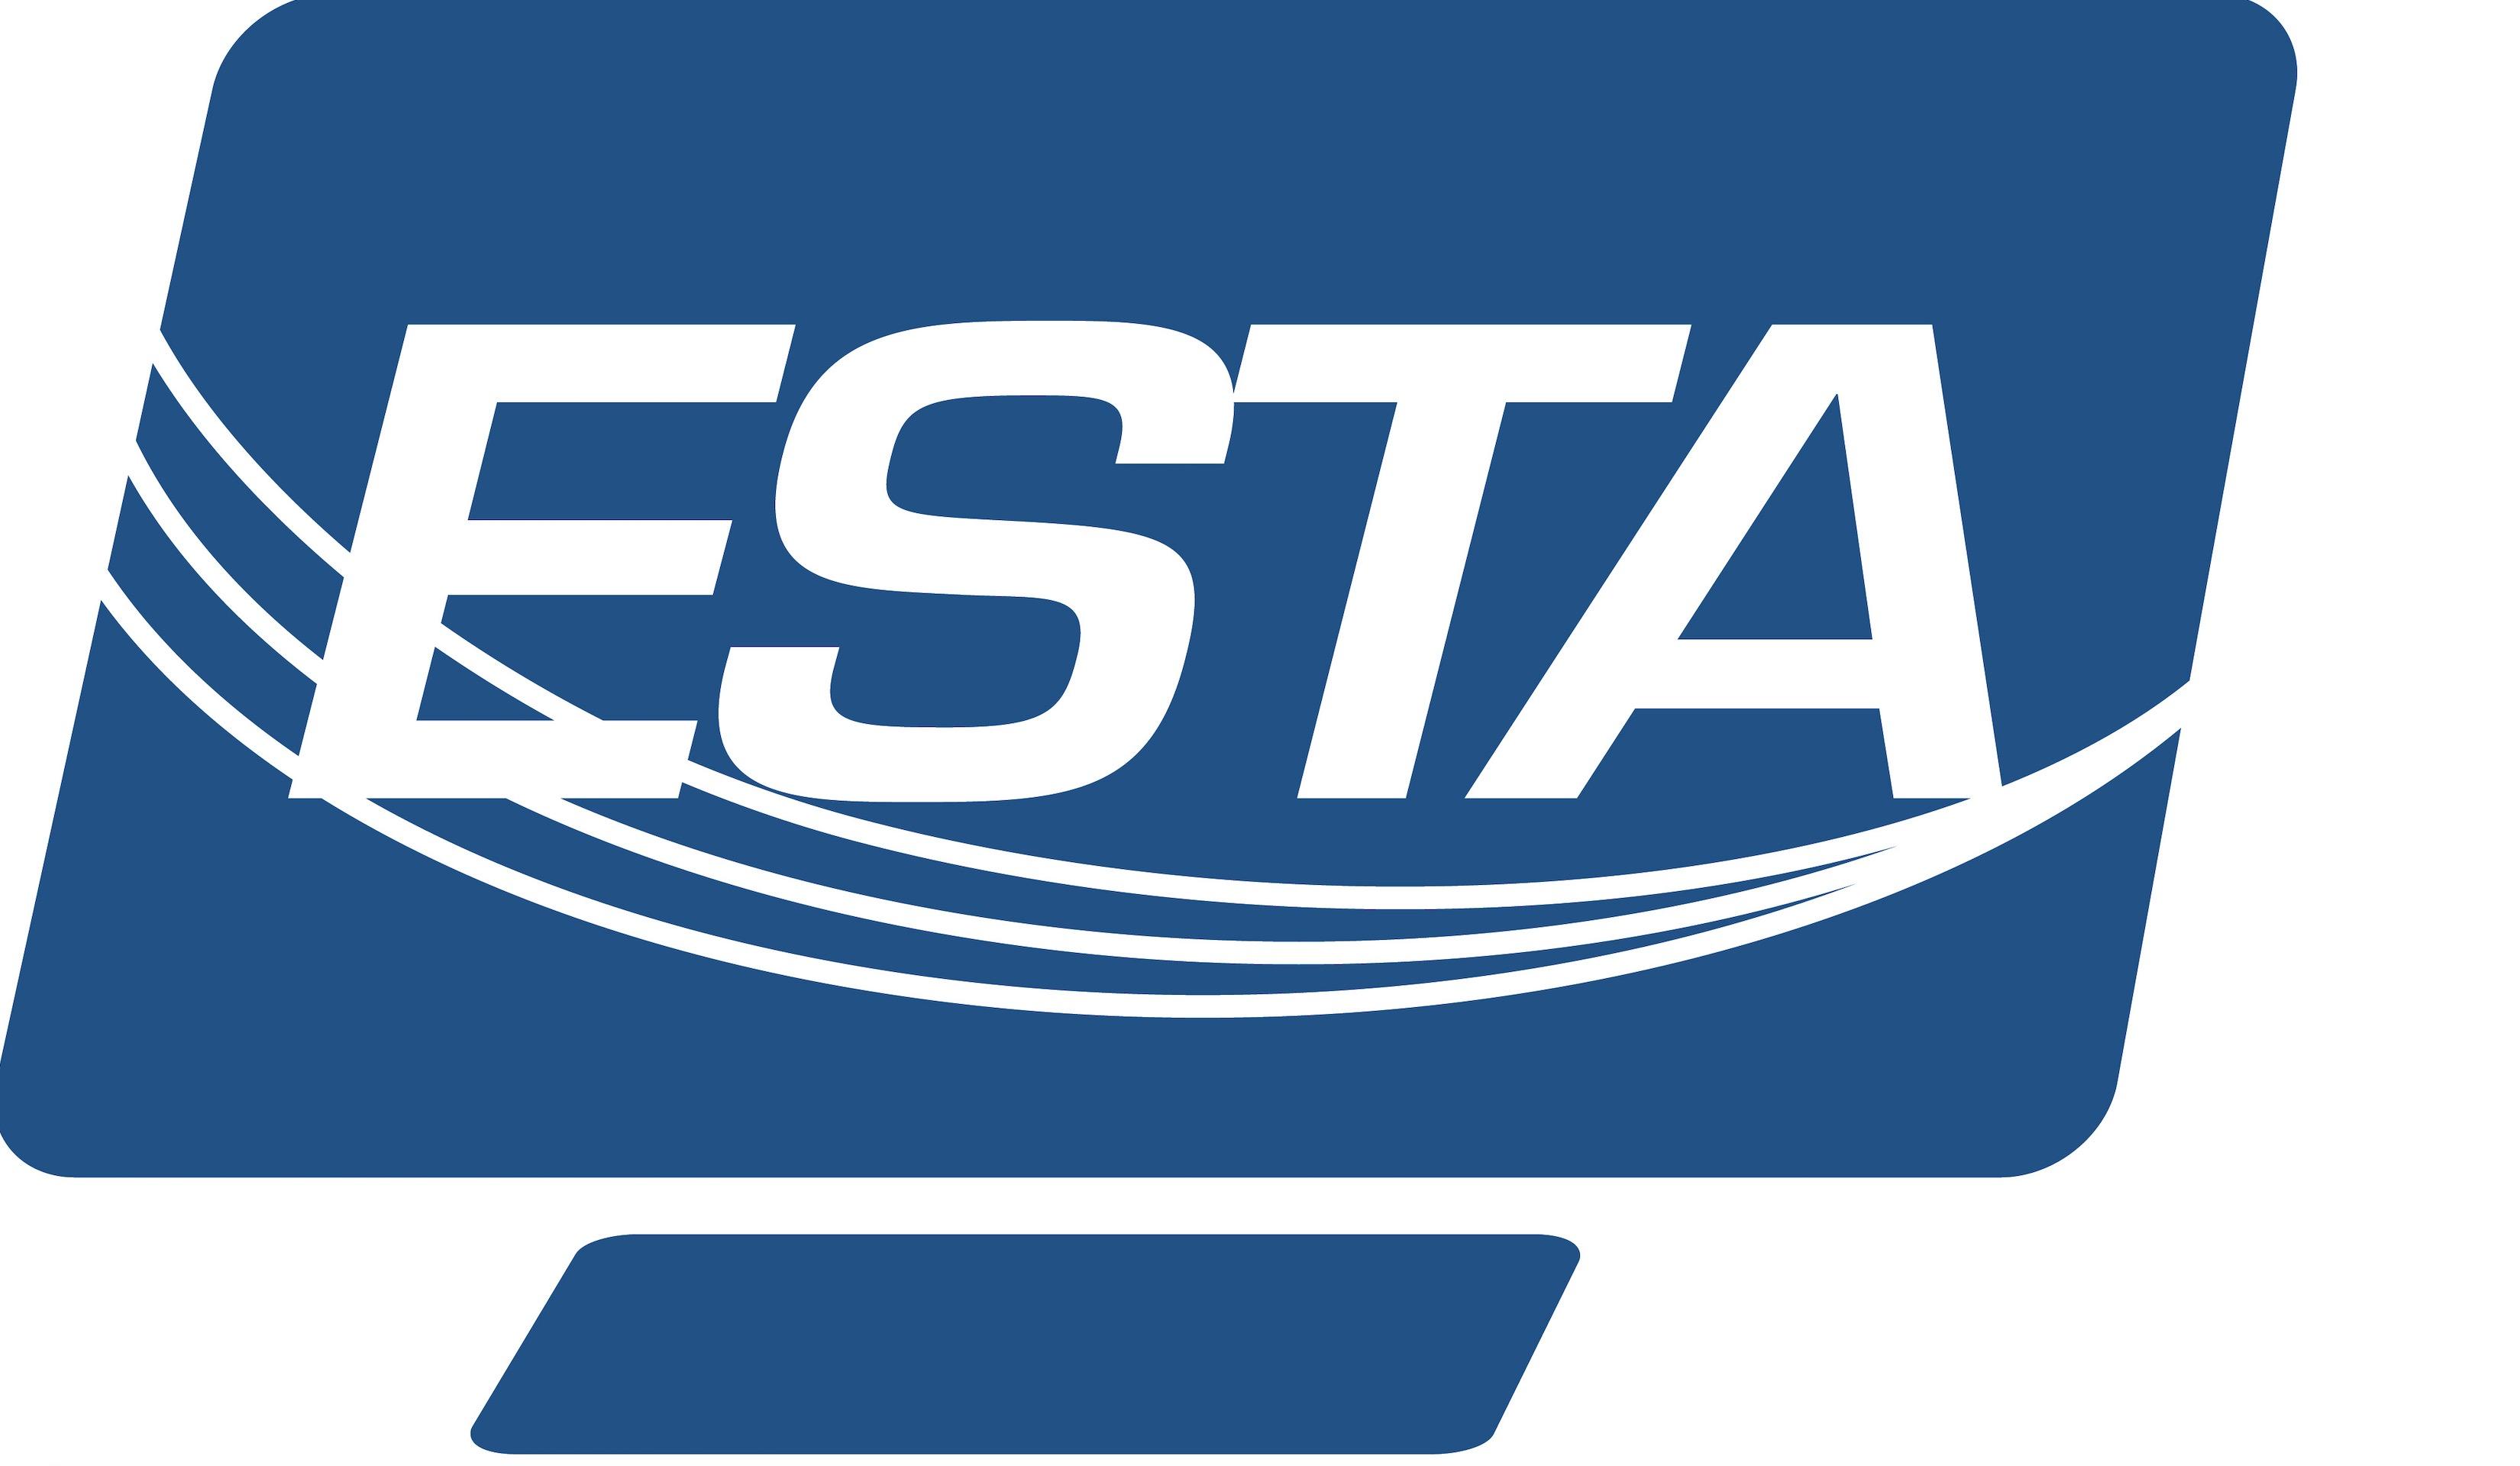 Az ESTA kérelem kitöltése